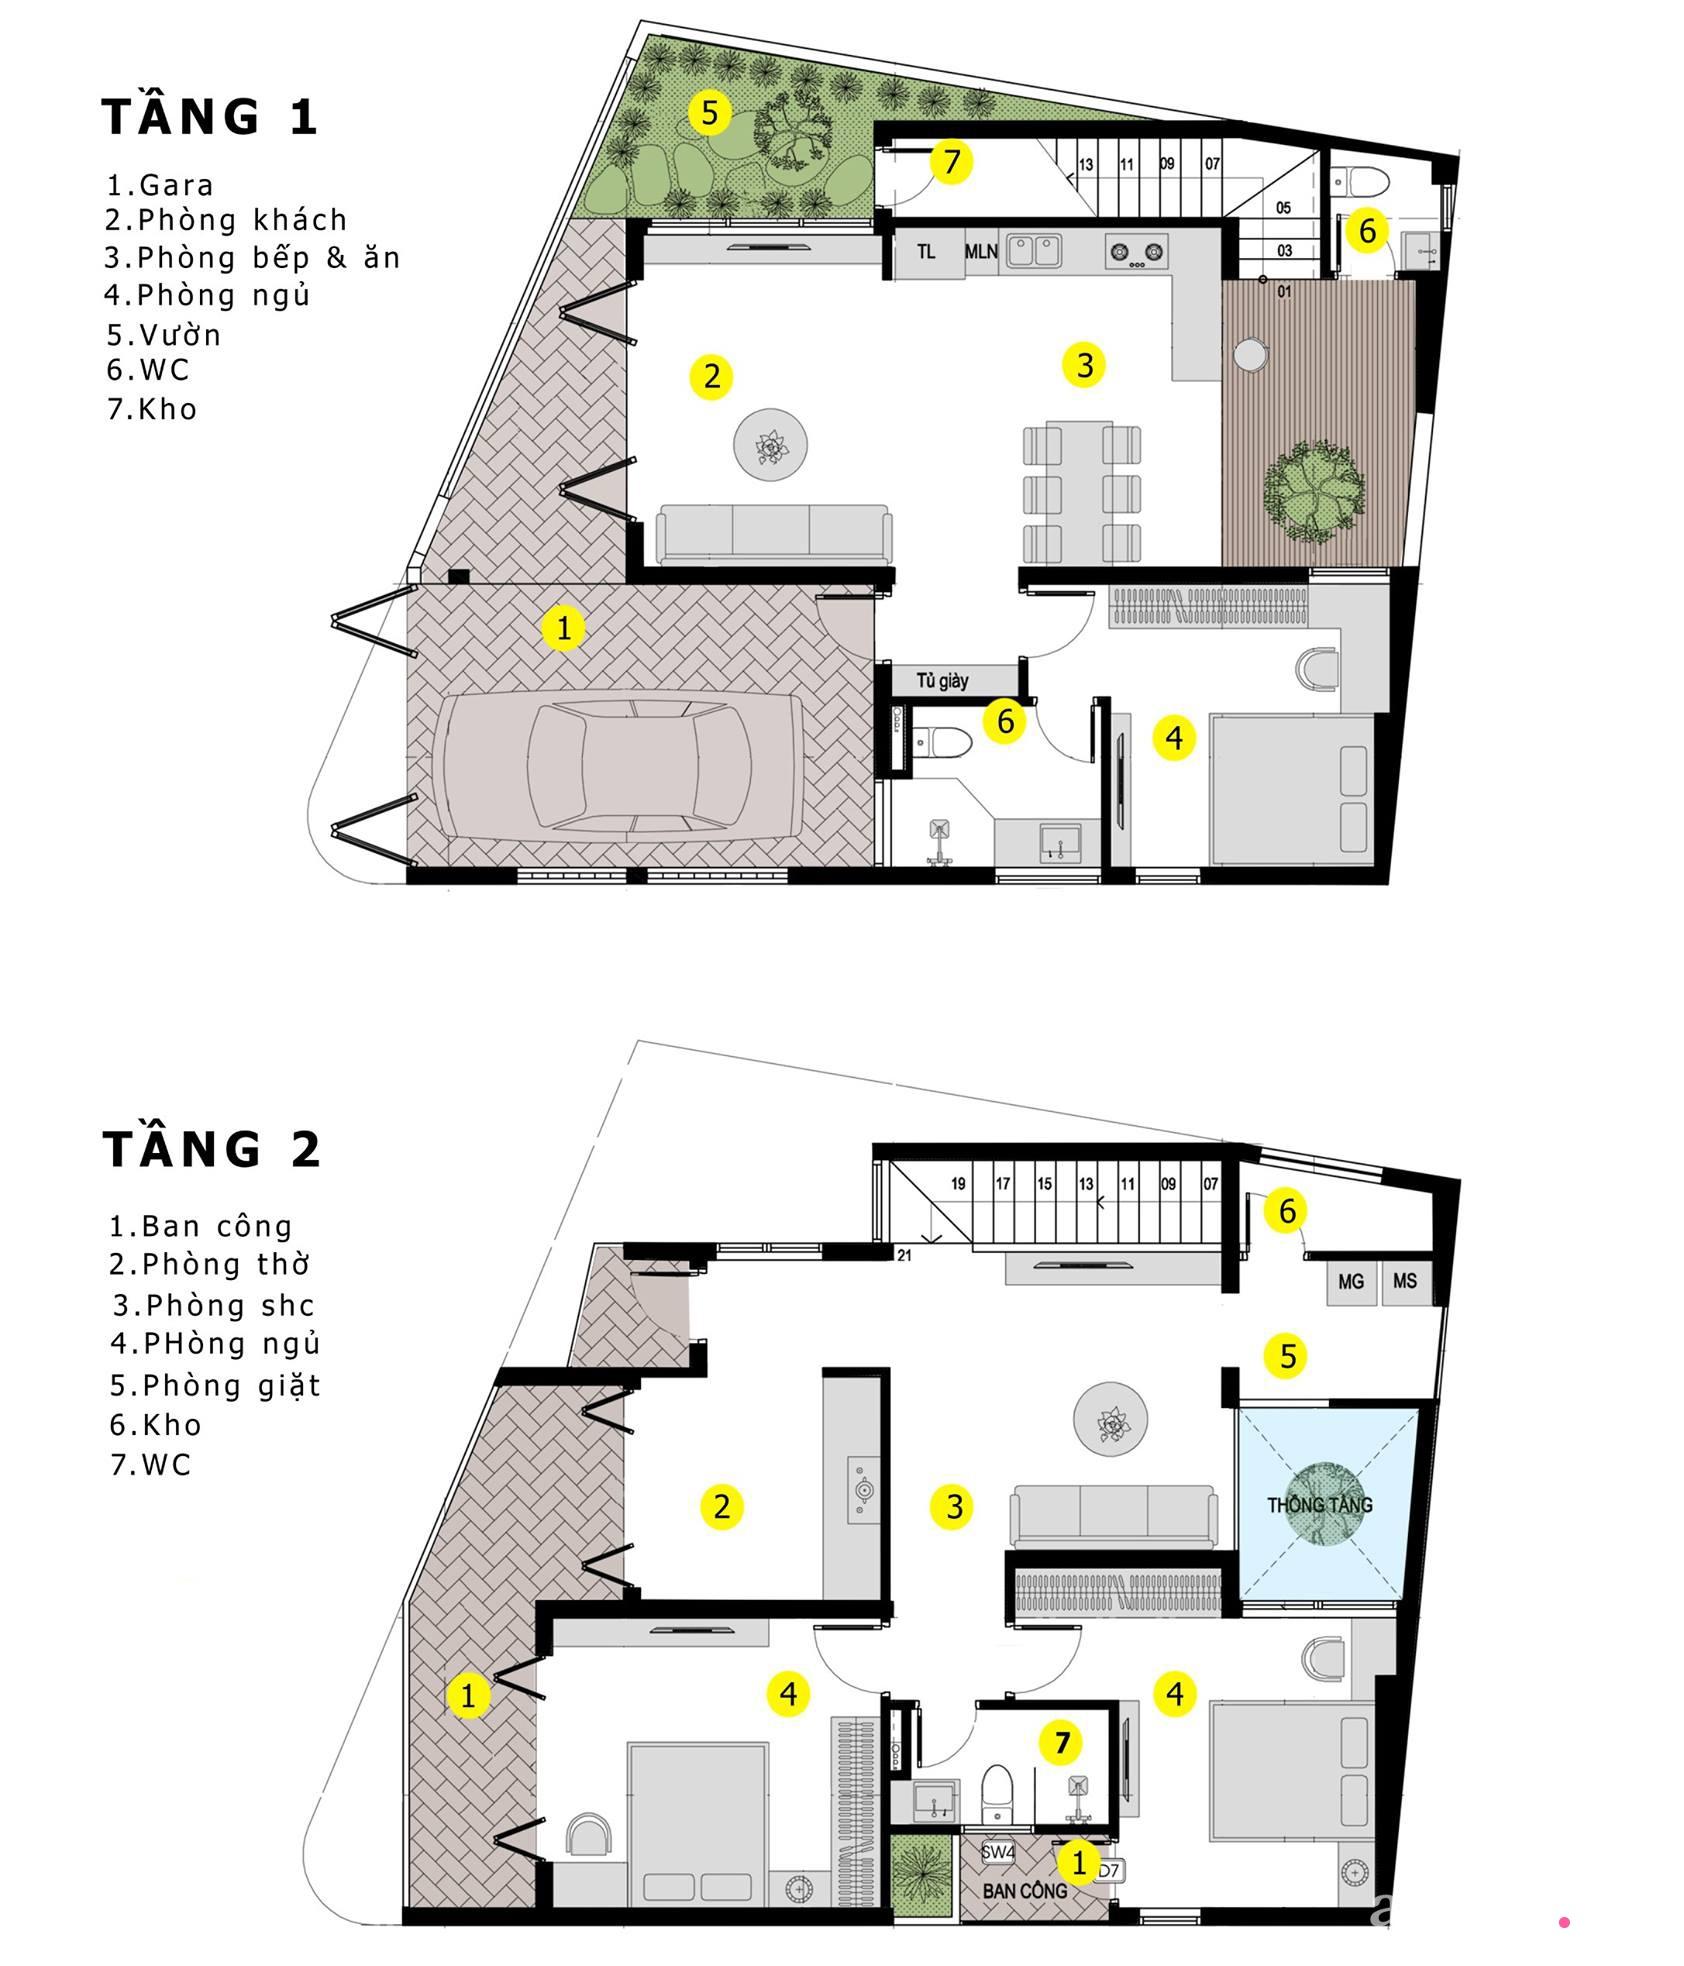 Nhà trong hẻm nhỏ vẫn ngập tràn ánh sáng, duyên dáng với nội thất tối giản ở Đà Nẵng - Ảnh 4.